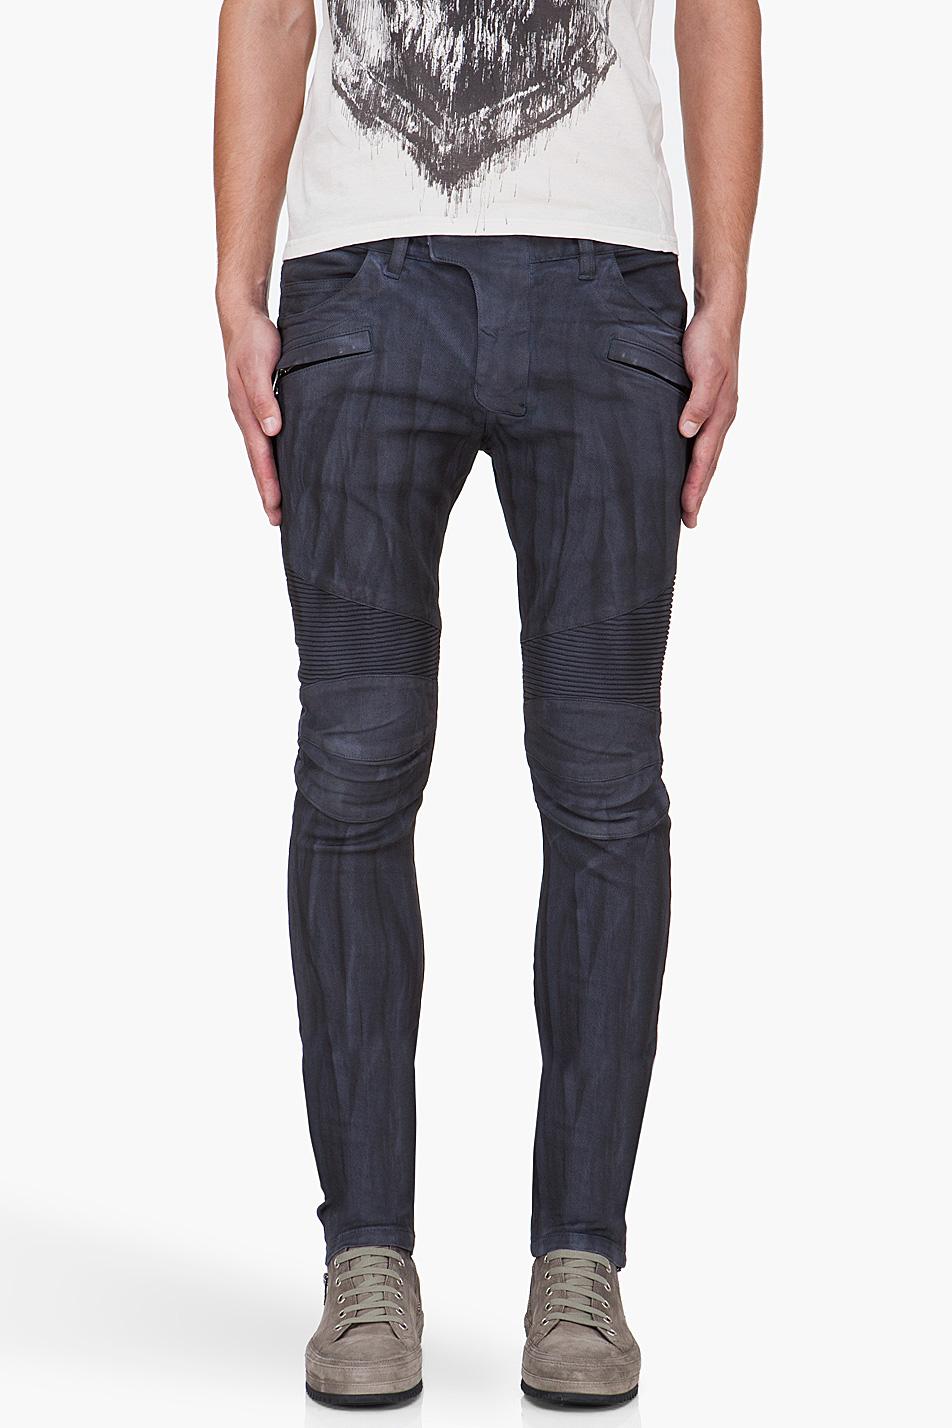 balmain slim blue biker jeans in blue for men lyst. Black Bedroom Furniture Sets. Home Design Ideas